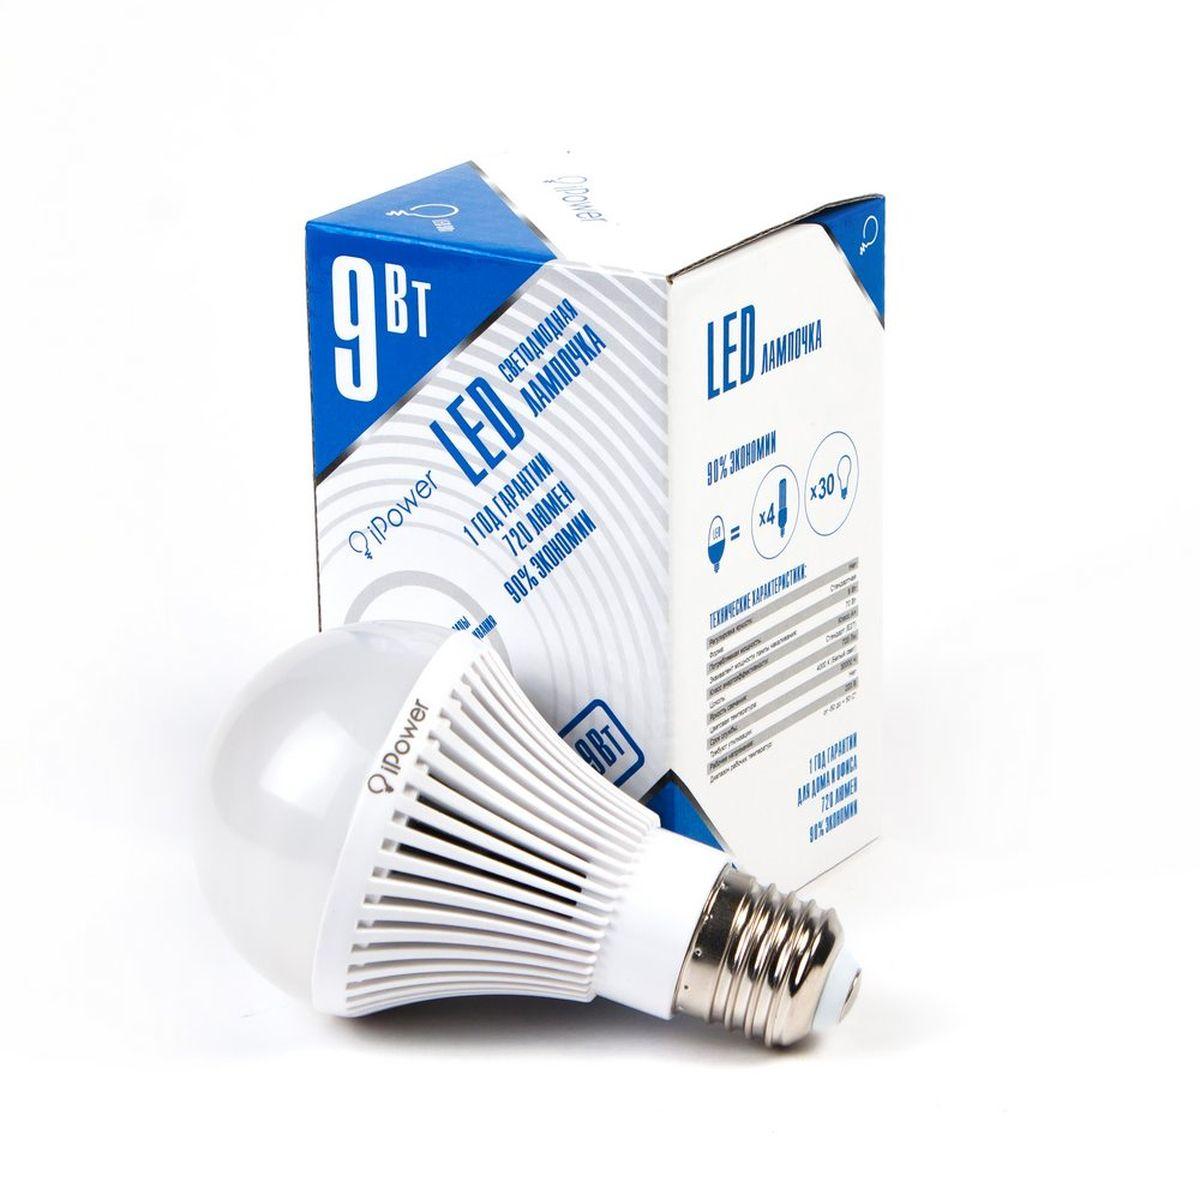 Лампа светодиодная iPower, цоколь Е27, 9W, 4000К1001953Светодиодная лампа iPower имеет очень низкое энергопотребление. В сравнении с лампами накаливания LED потребляет в 12 раз меньше электричества, а в сравнении с энергосберегающими - в 2-4 раза меньше. При этом срок службы LED лампочки в 5 раз выше, чем энергосберегающей, и в 50 раз выше, чем у лампы накаливания. Светодиодная лампа iPower создает мягкий рассеивающий свет без мерцаний, что совершенно безопасно для глаз. Она специально разработана по требованиям российских и европейских законов и подходит ко всем осветительным устройствам, совместимым со стандартным цоколем E27. Использование светодиодов от мирового лидера Epistar - это залог надежной и стабильной работы лампы. Нейтральный белый оттенок свечения идеально подойдёт для освещения, как офисов, образовательных и медицинских учреждений, так и кухни, гостиной. Диапазон рабочих температур: от -50°C до +50°С. Материал: поликарбонат. Потребляемая мощность: 9 Вт. Рабочее напряжение: 220В. ...